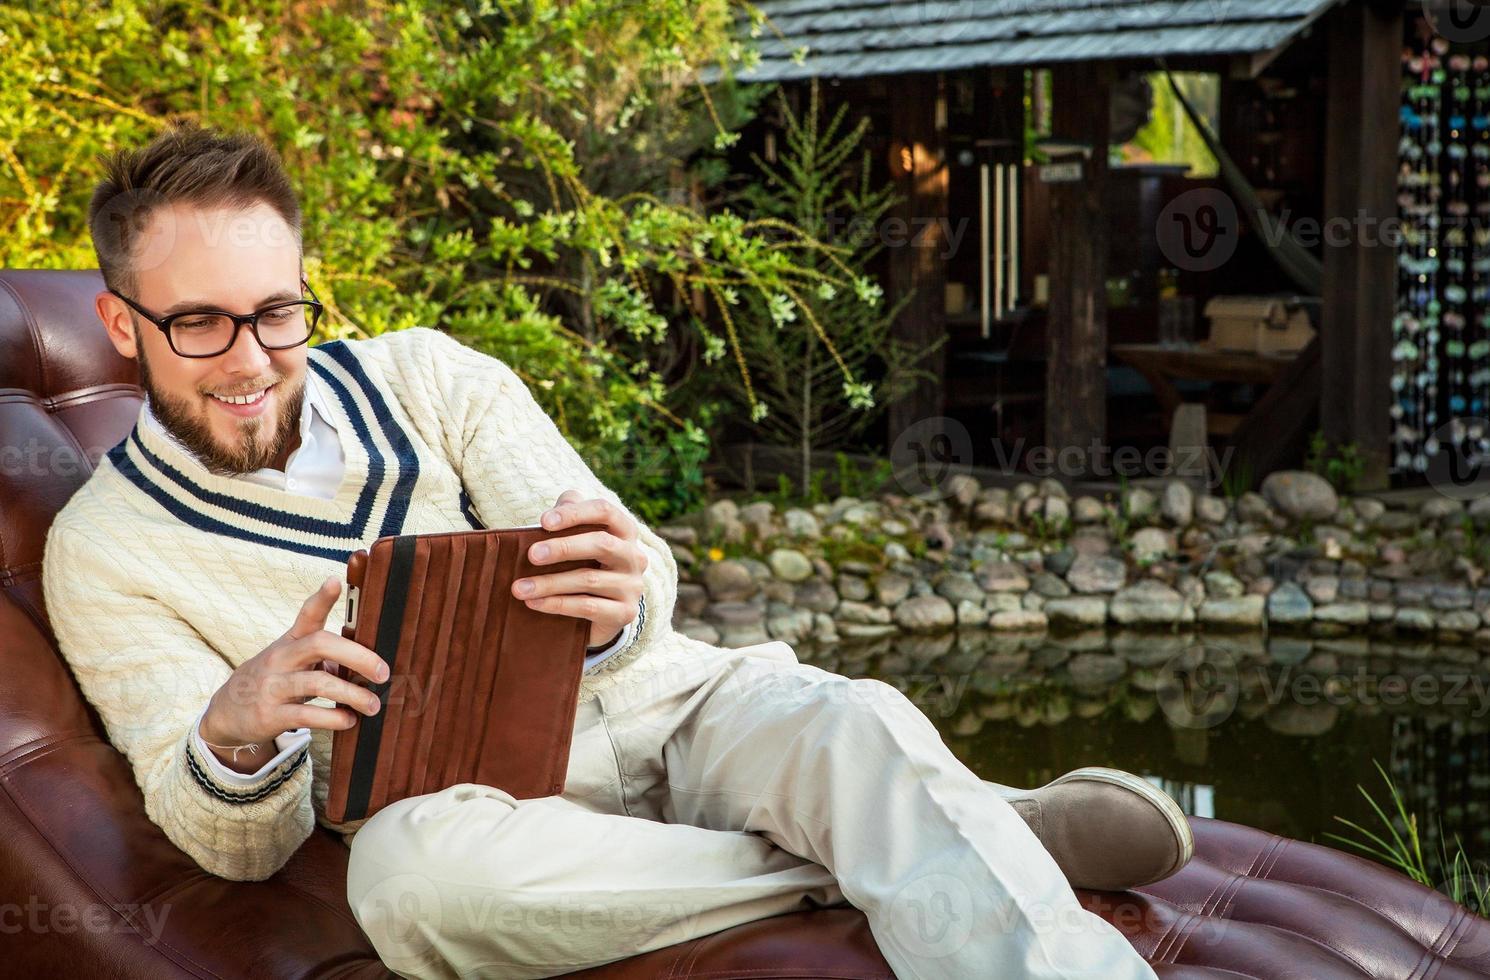 schöner Mann sitzen im Sofa mit iPad im Sommergarten. foto